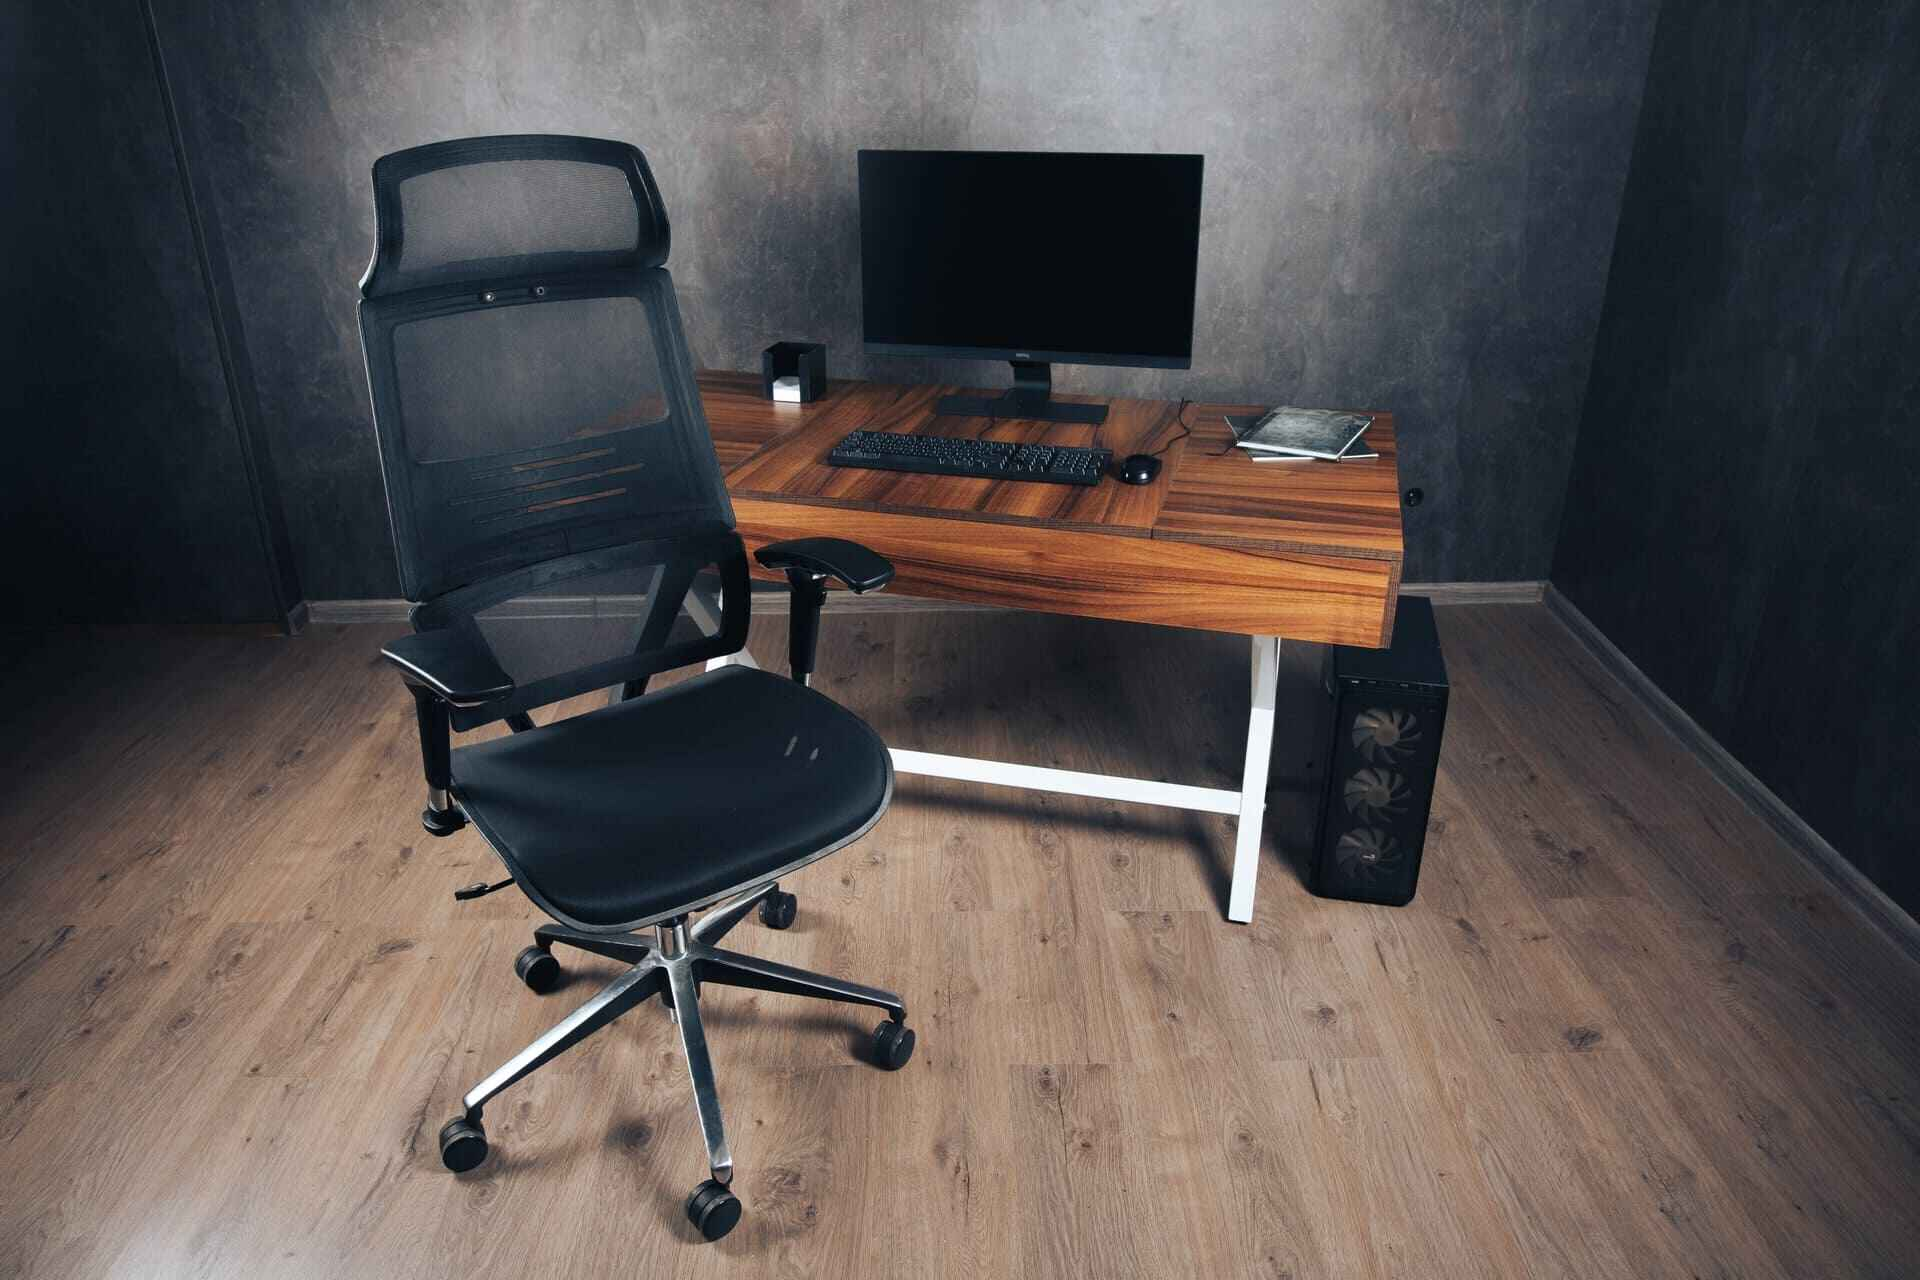 сеточное компьютерное кресло черное купить